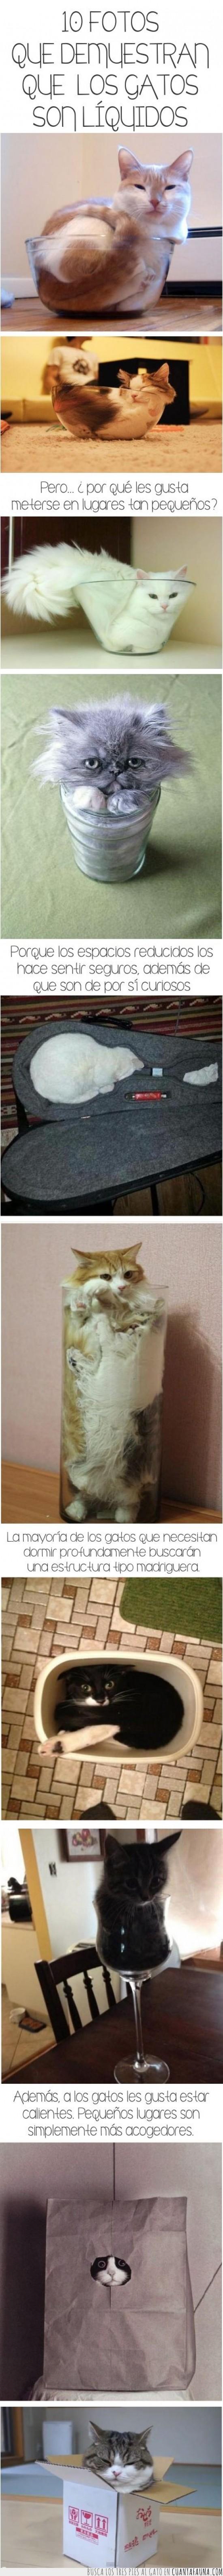 botellas,caja,curiosidades,esconderse,gatos,liquido,vasos